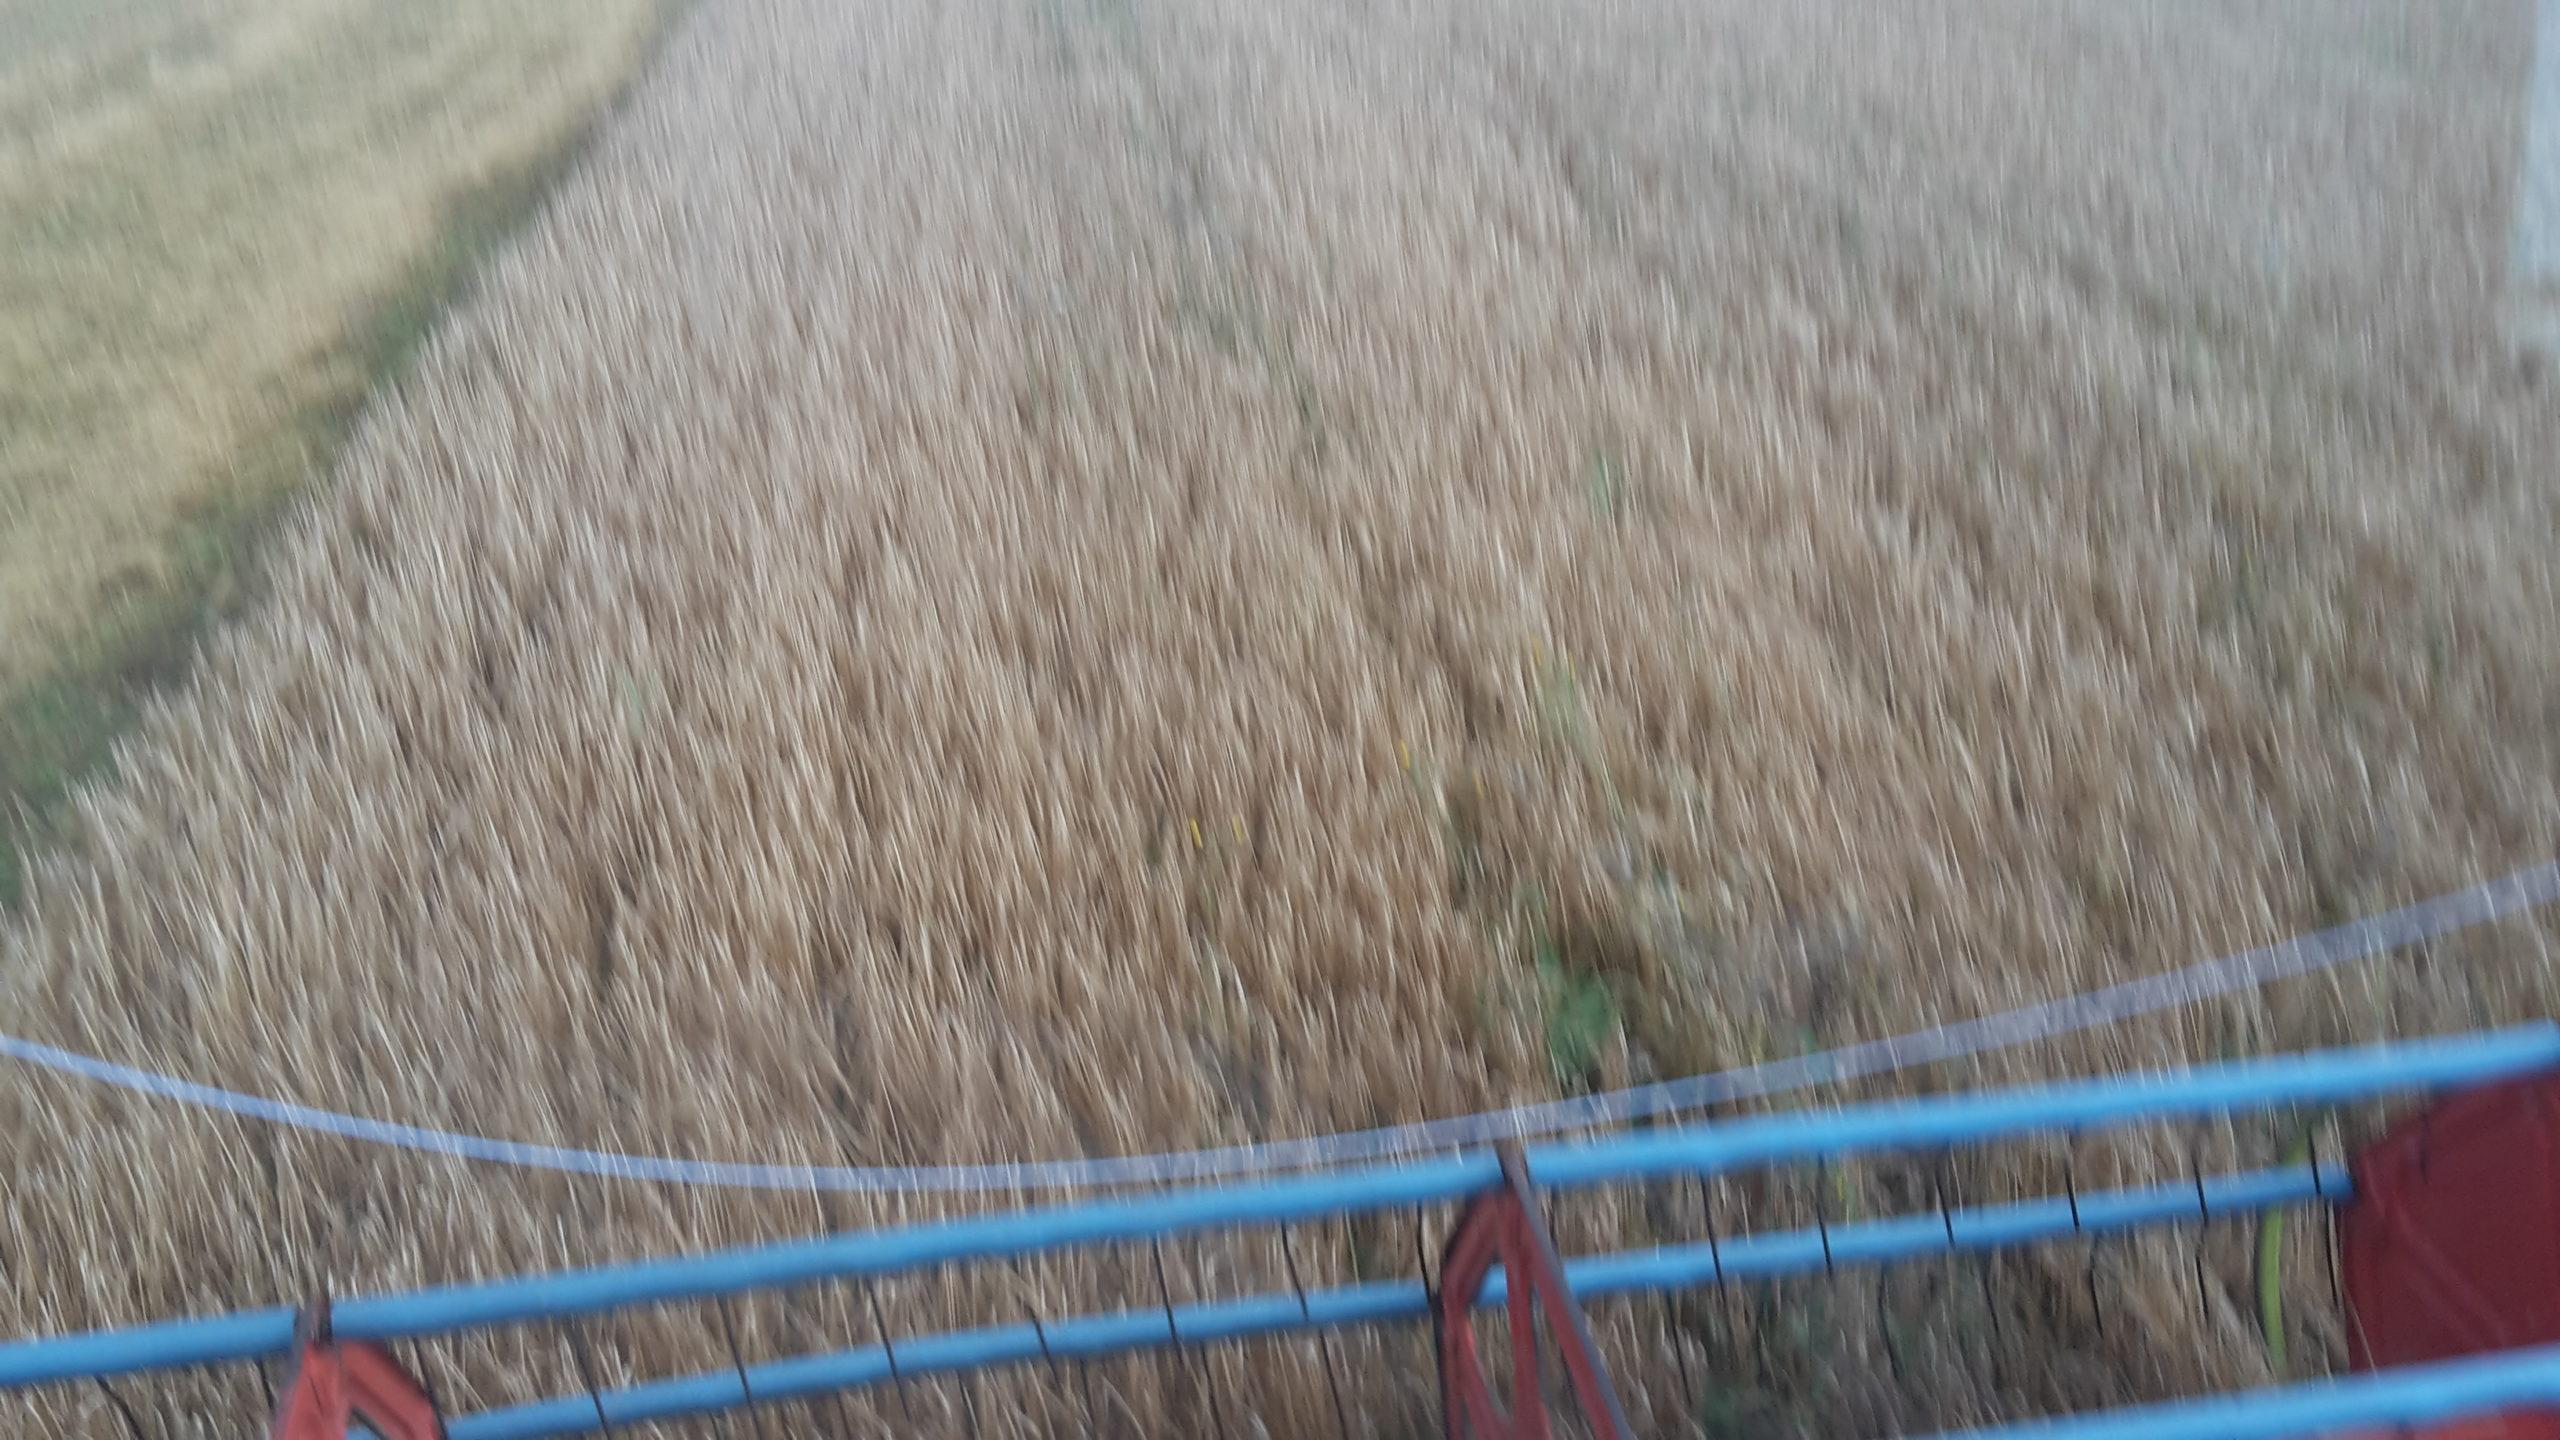 høst bilede